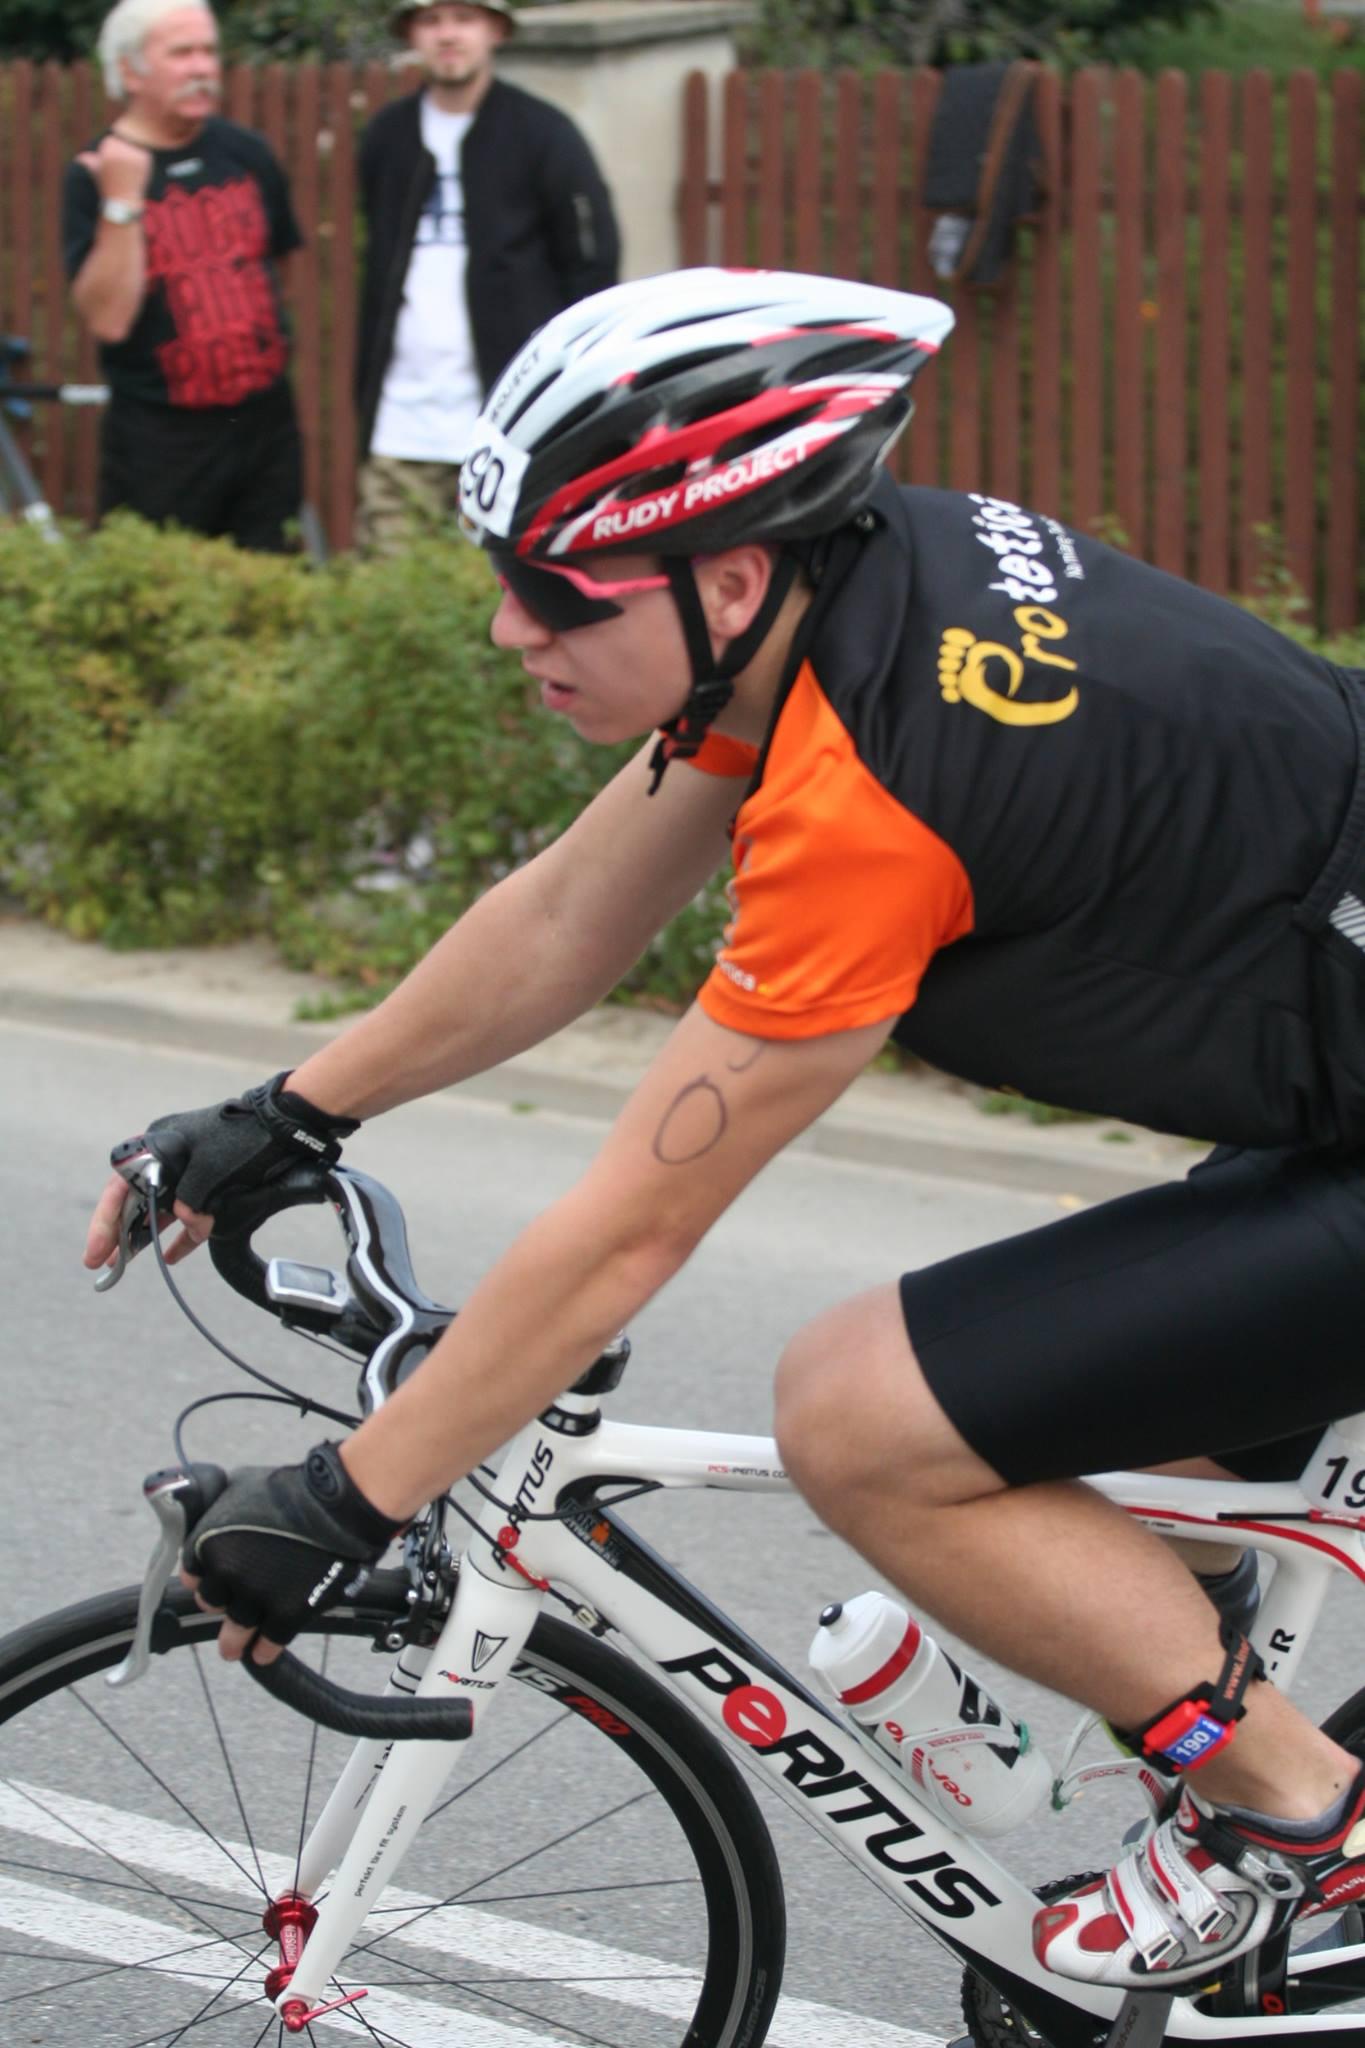 kamil-aleksejew-moj-pierwszy-triathlon-cyklomaniacy-13